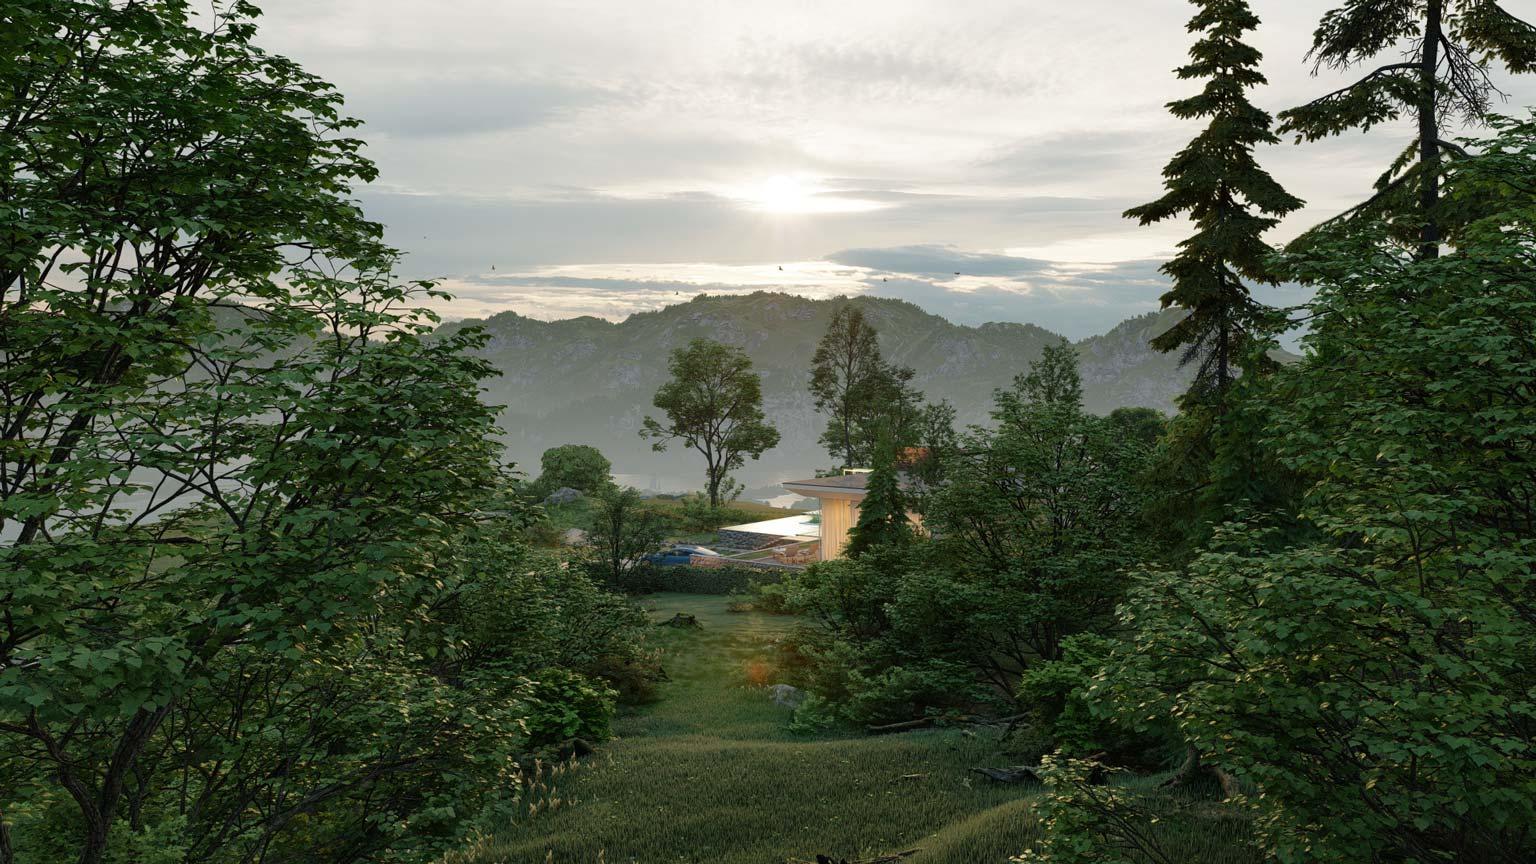 Scena della foresta con alberi renderizzati e modelli naturali, renderizzati in Lumion 10.